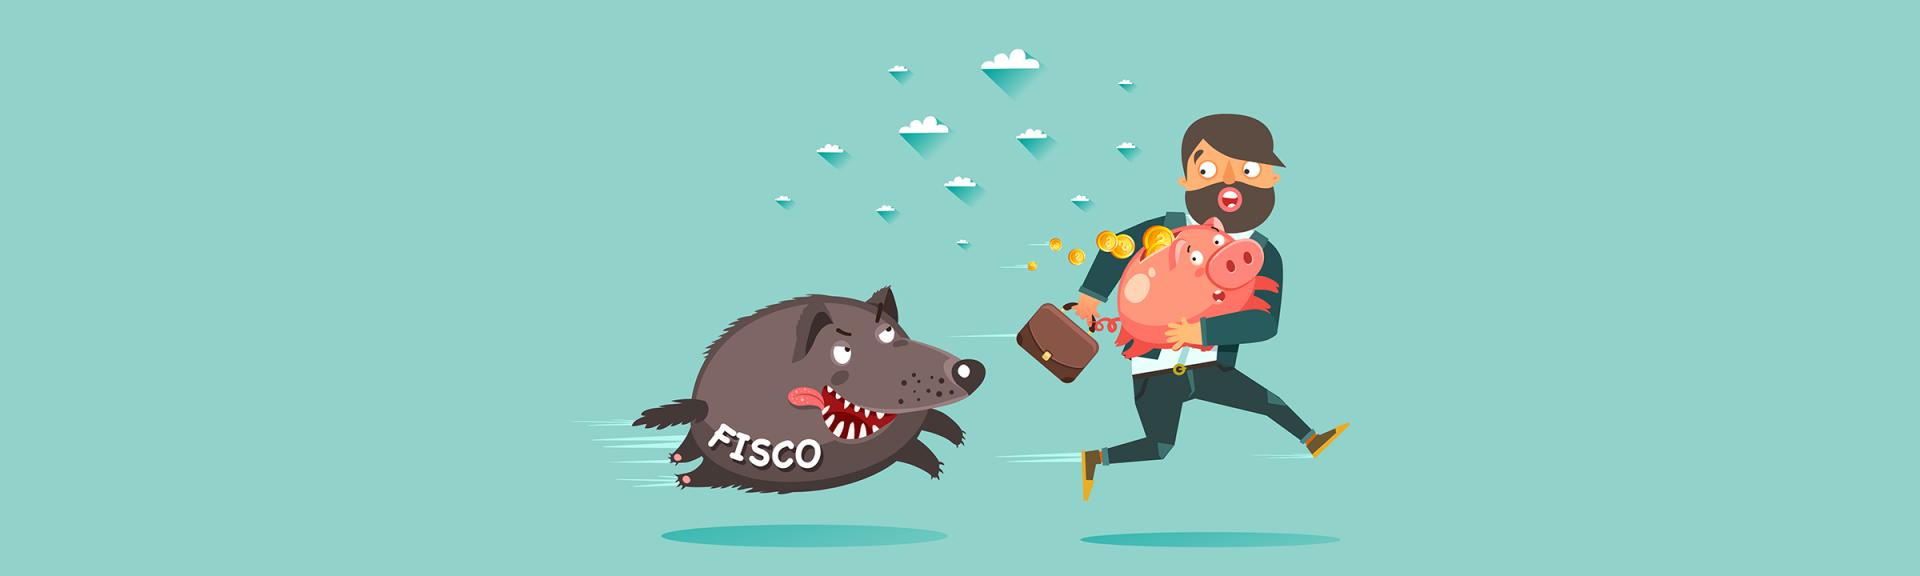 Os riscos da sonegação fiscal e como fugir dessa enrascada